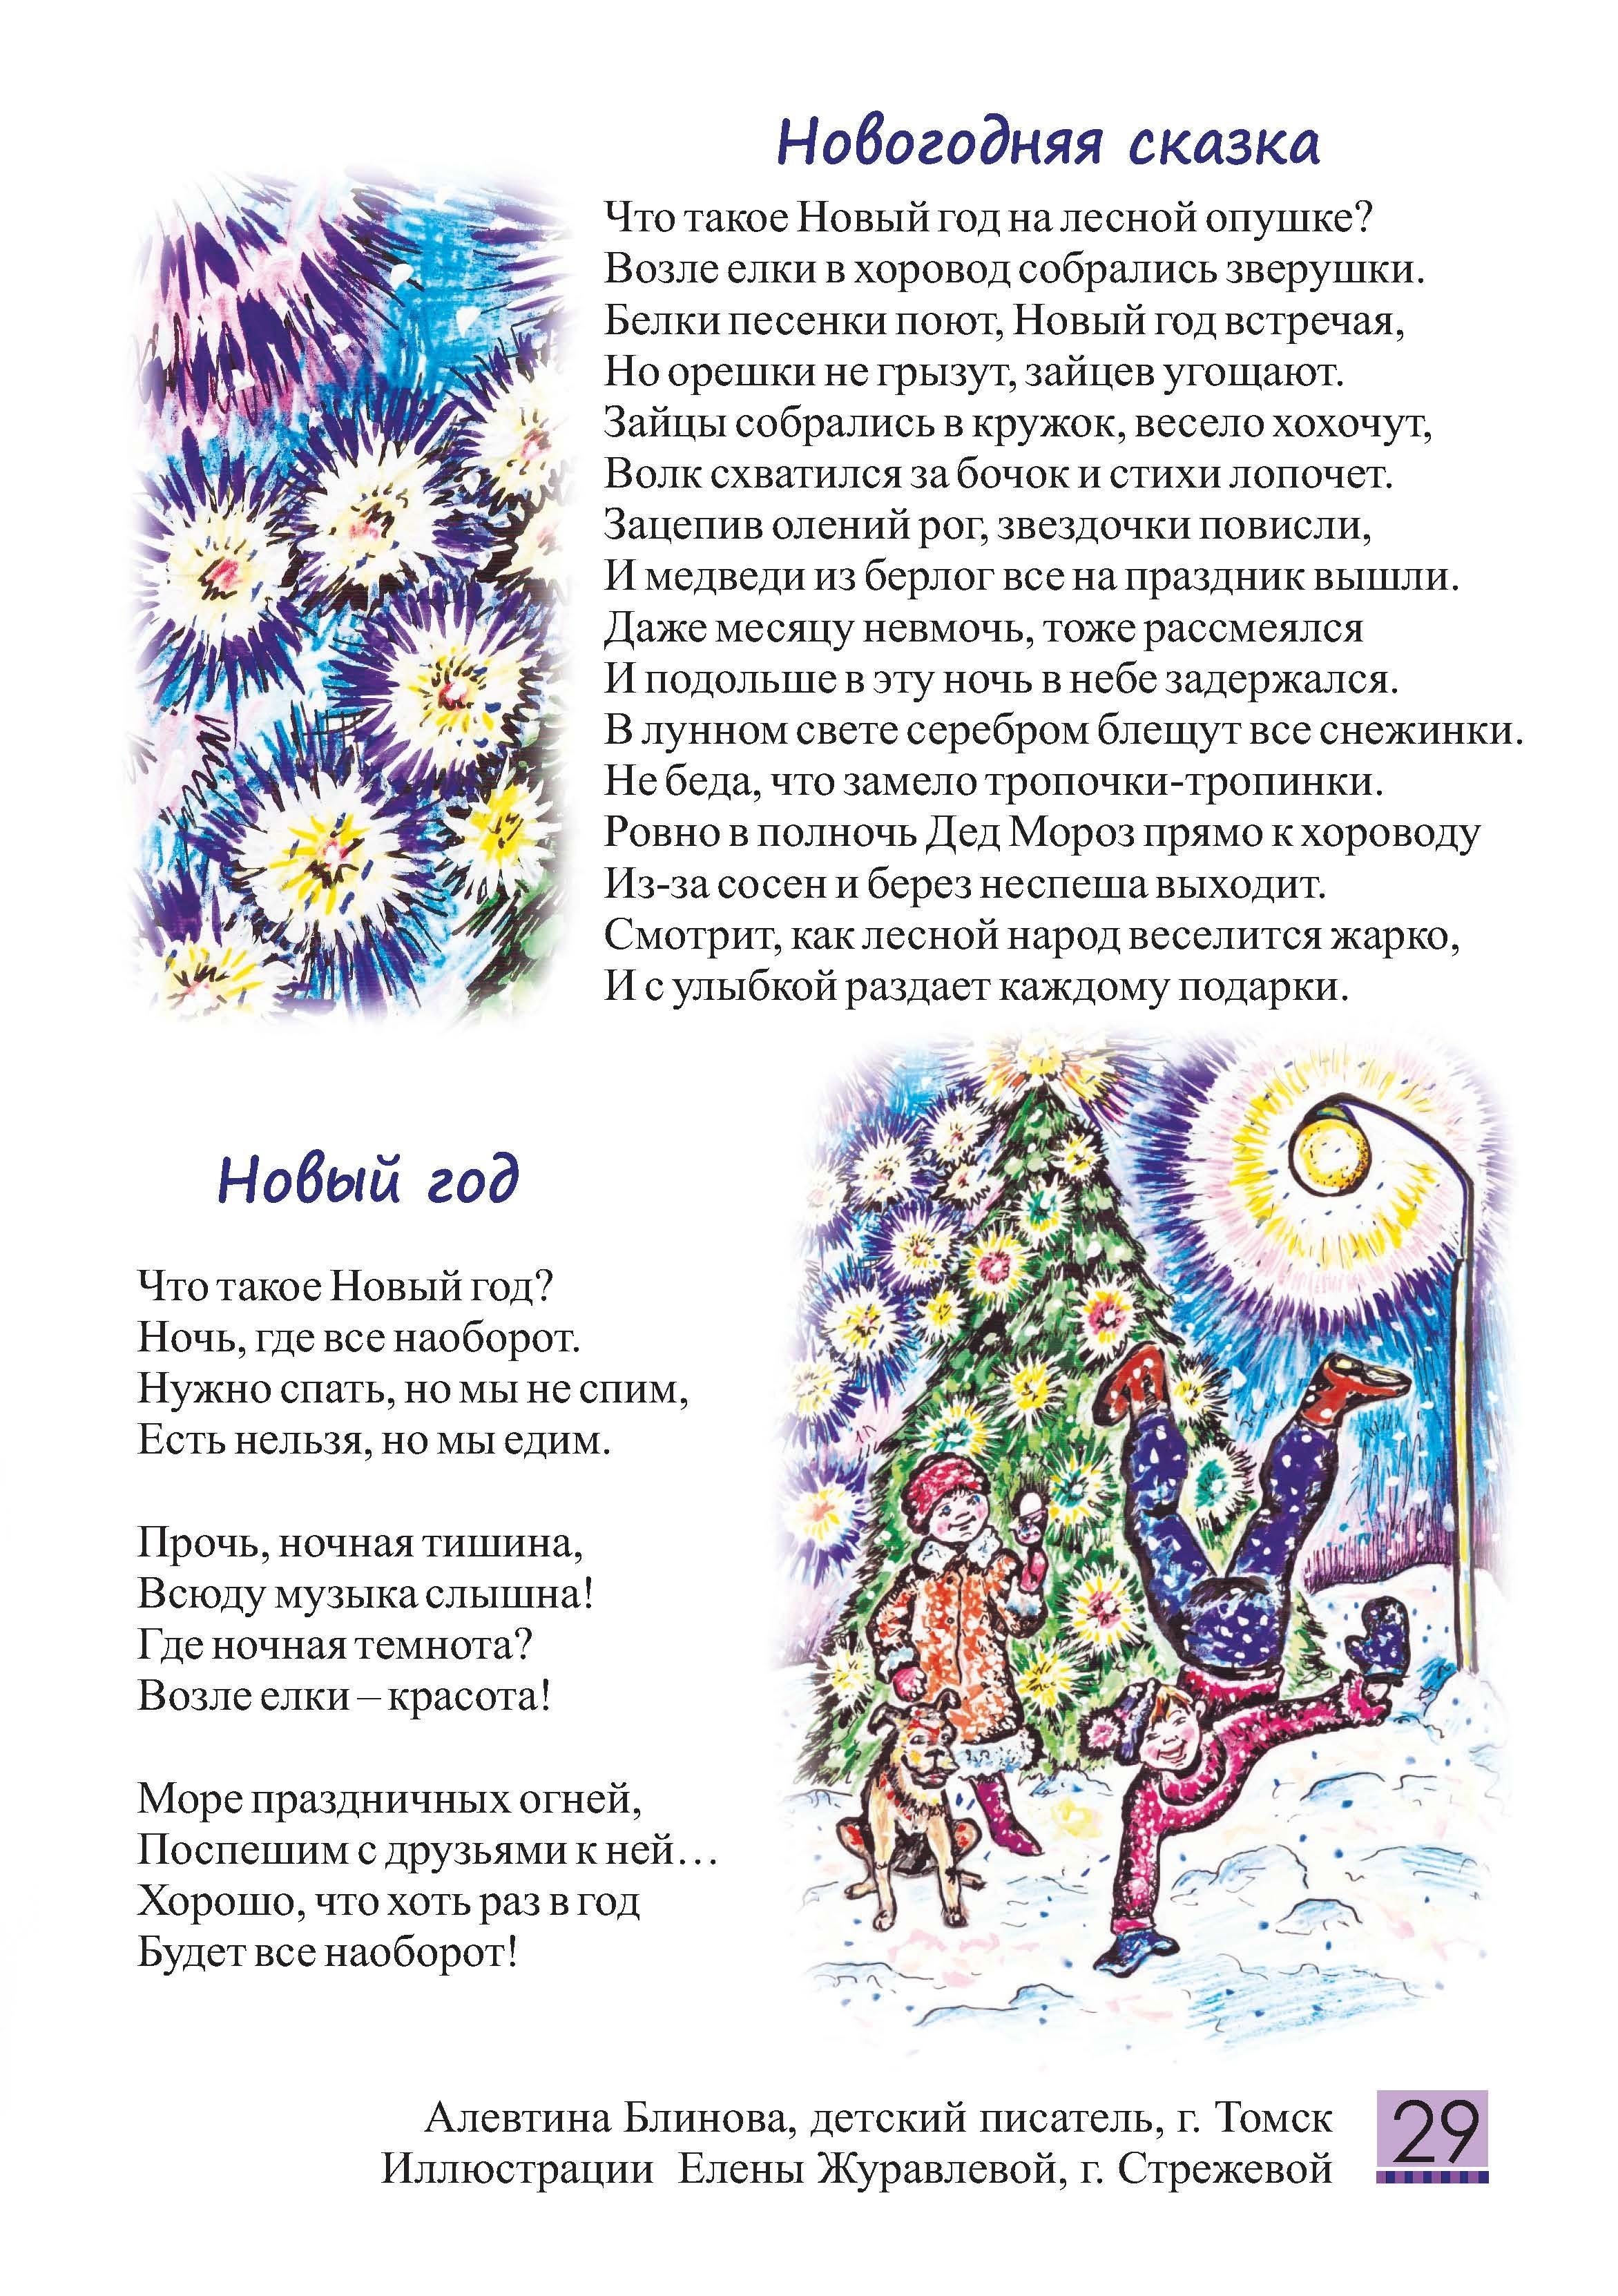 Детский журнал Енот - 2019.12 Страница 29